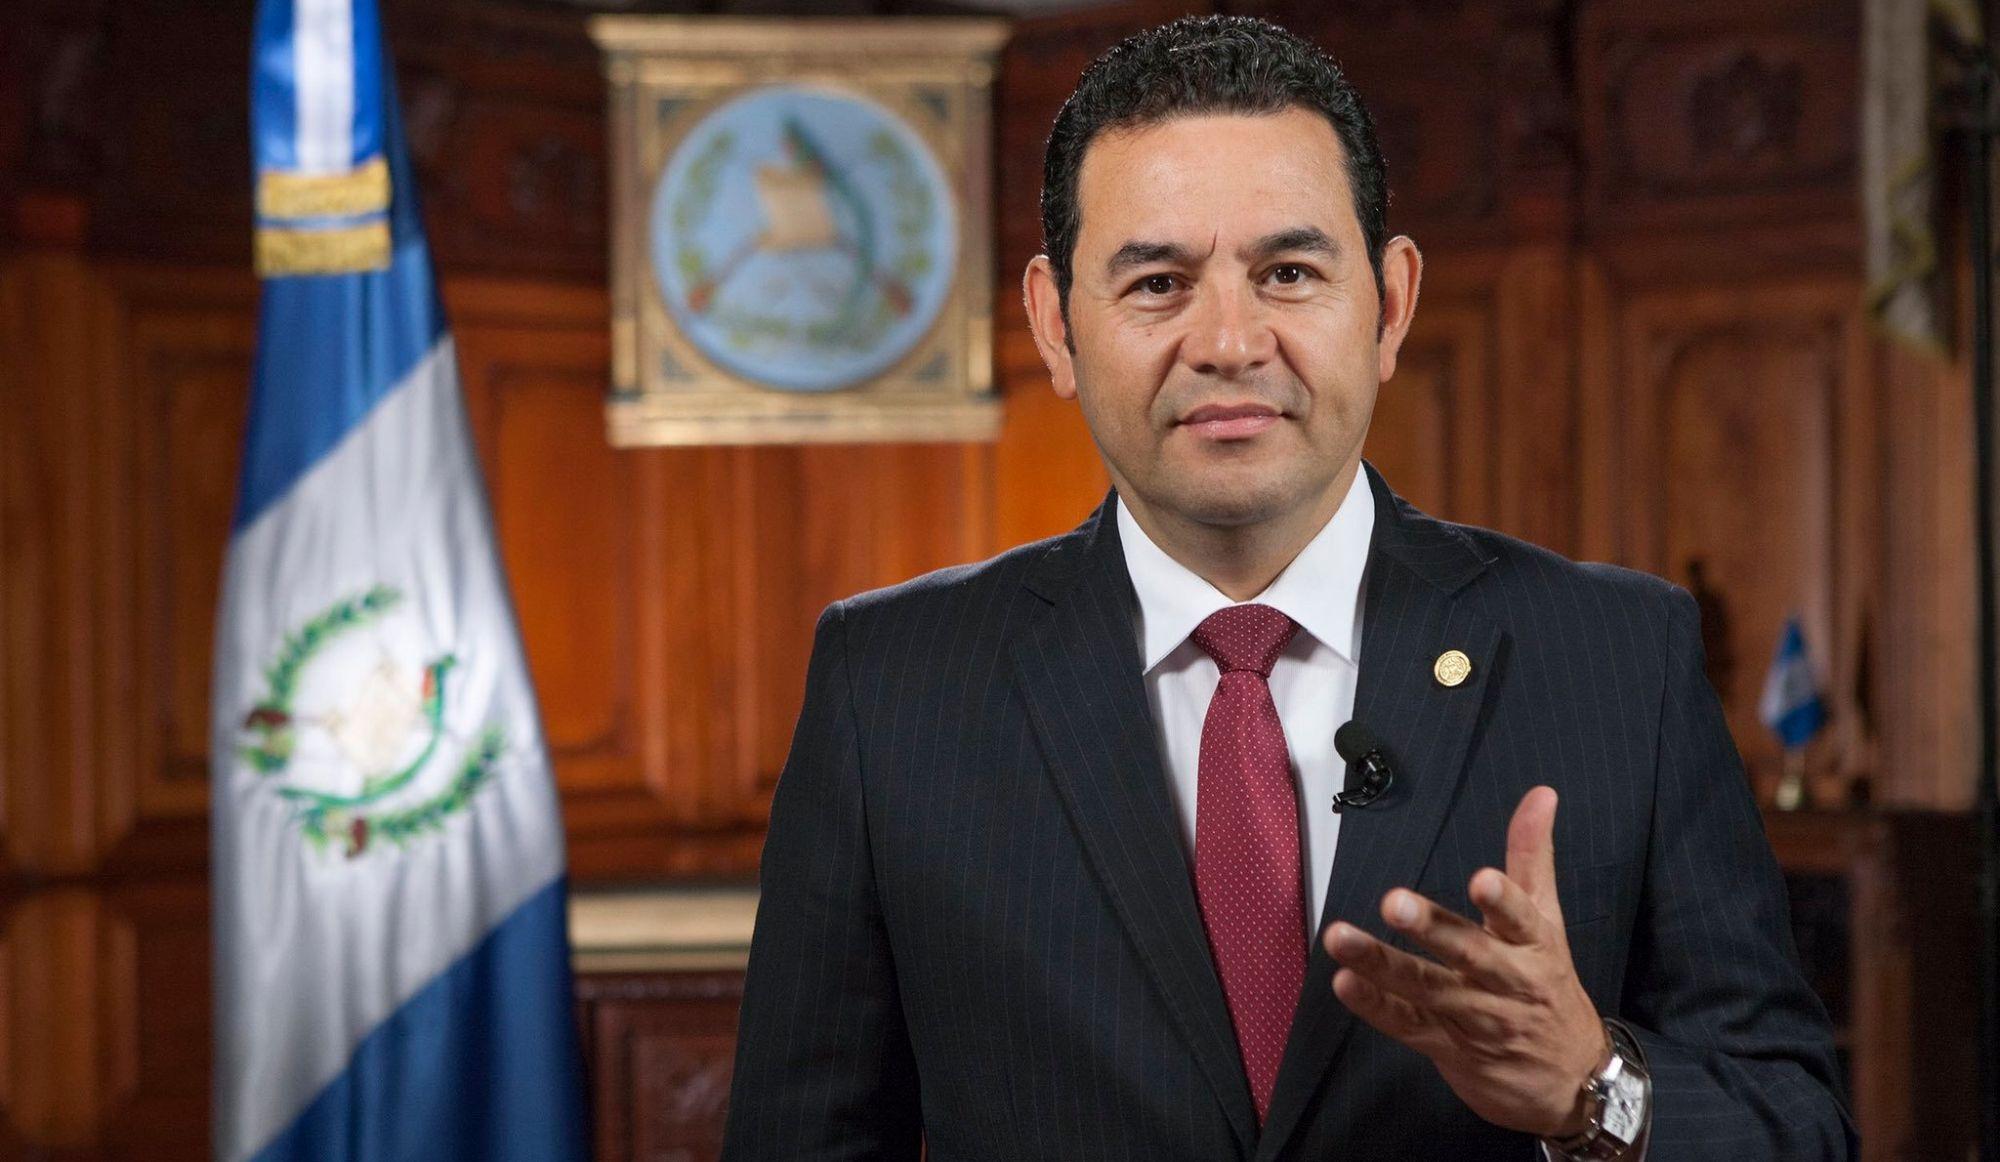 Le Guatemala va transférer son ambassade en Israël vers El Qods occupée